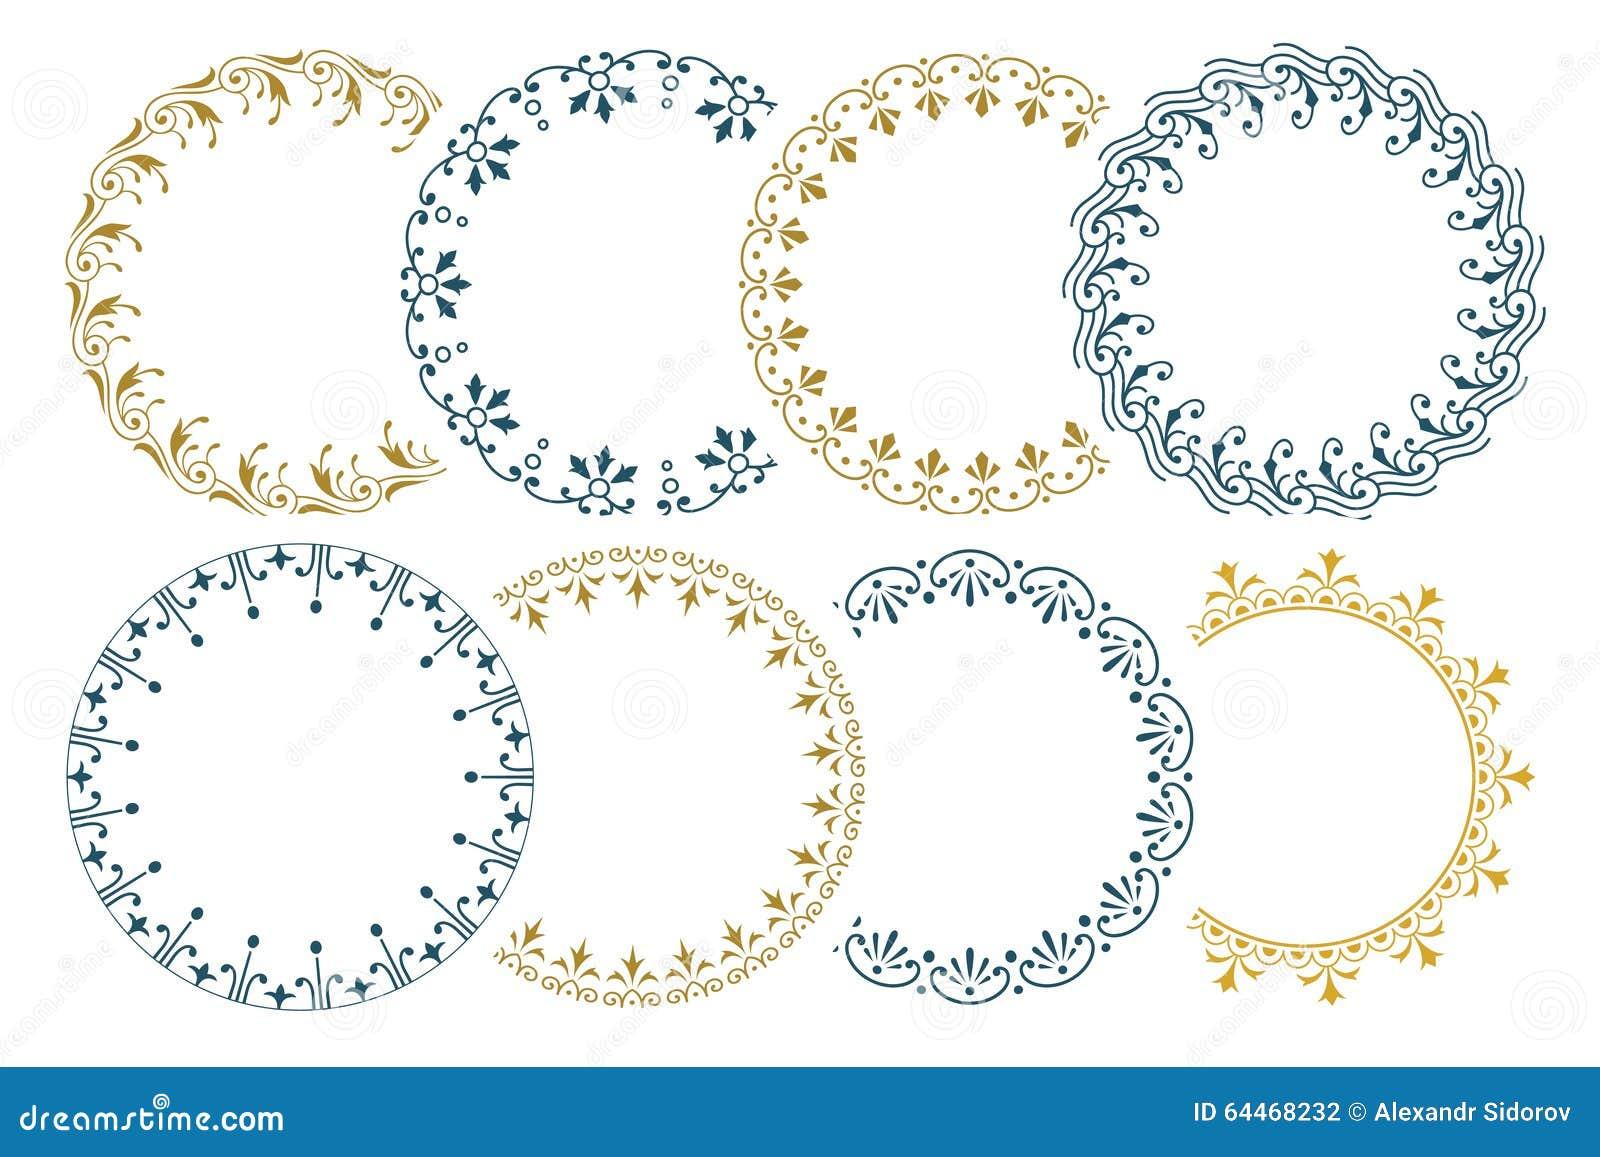 Naadloze grens 8 voor decoratie en ontwerp inbegrepen borstels vector illustratie afbeelding - Decoratie ontwerp kantoor ontwerp ...